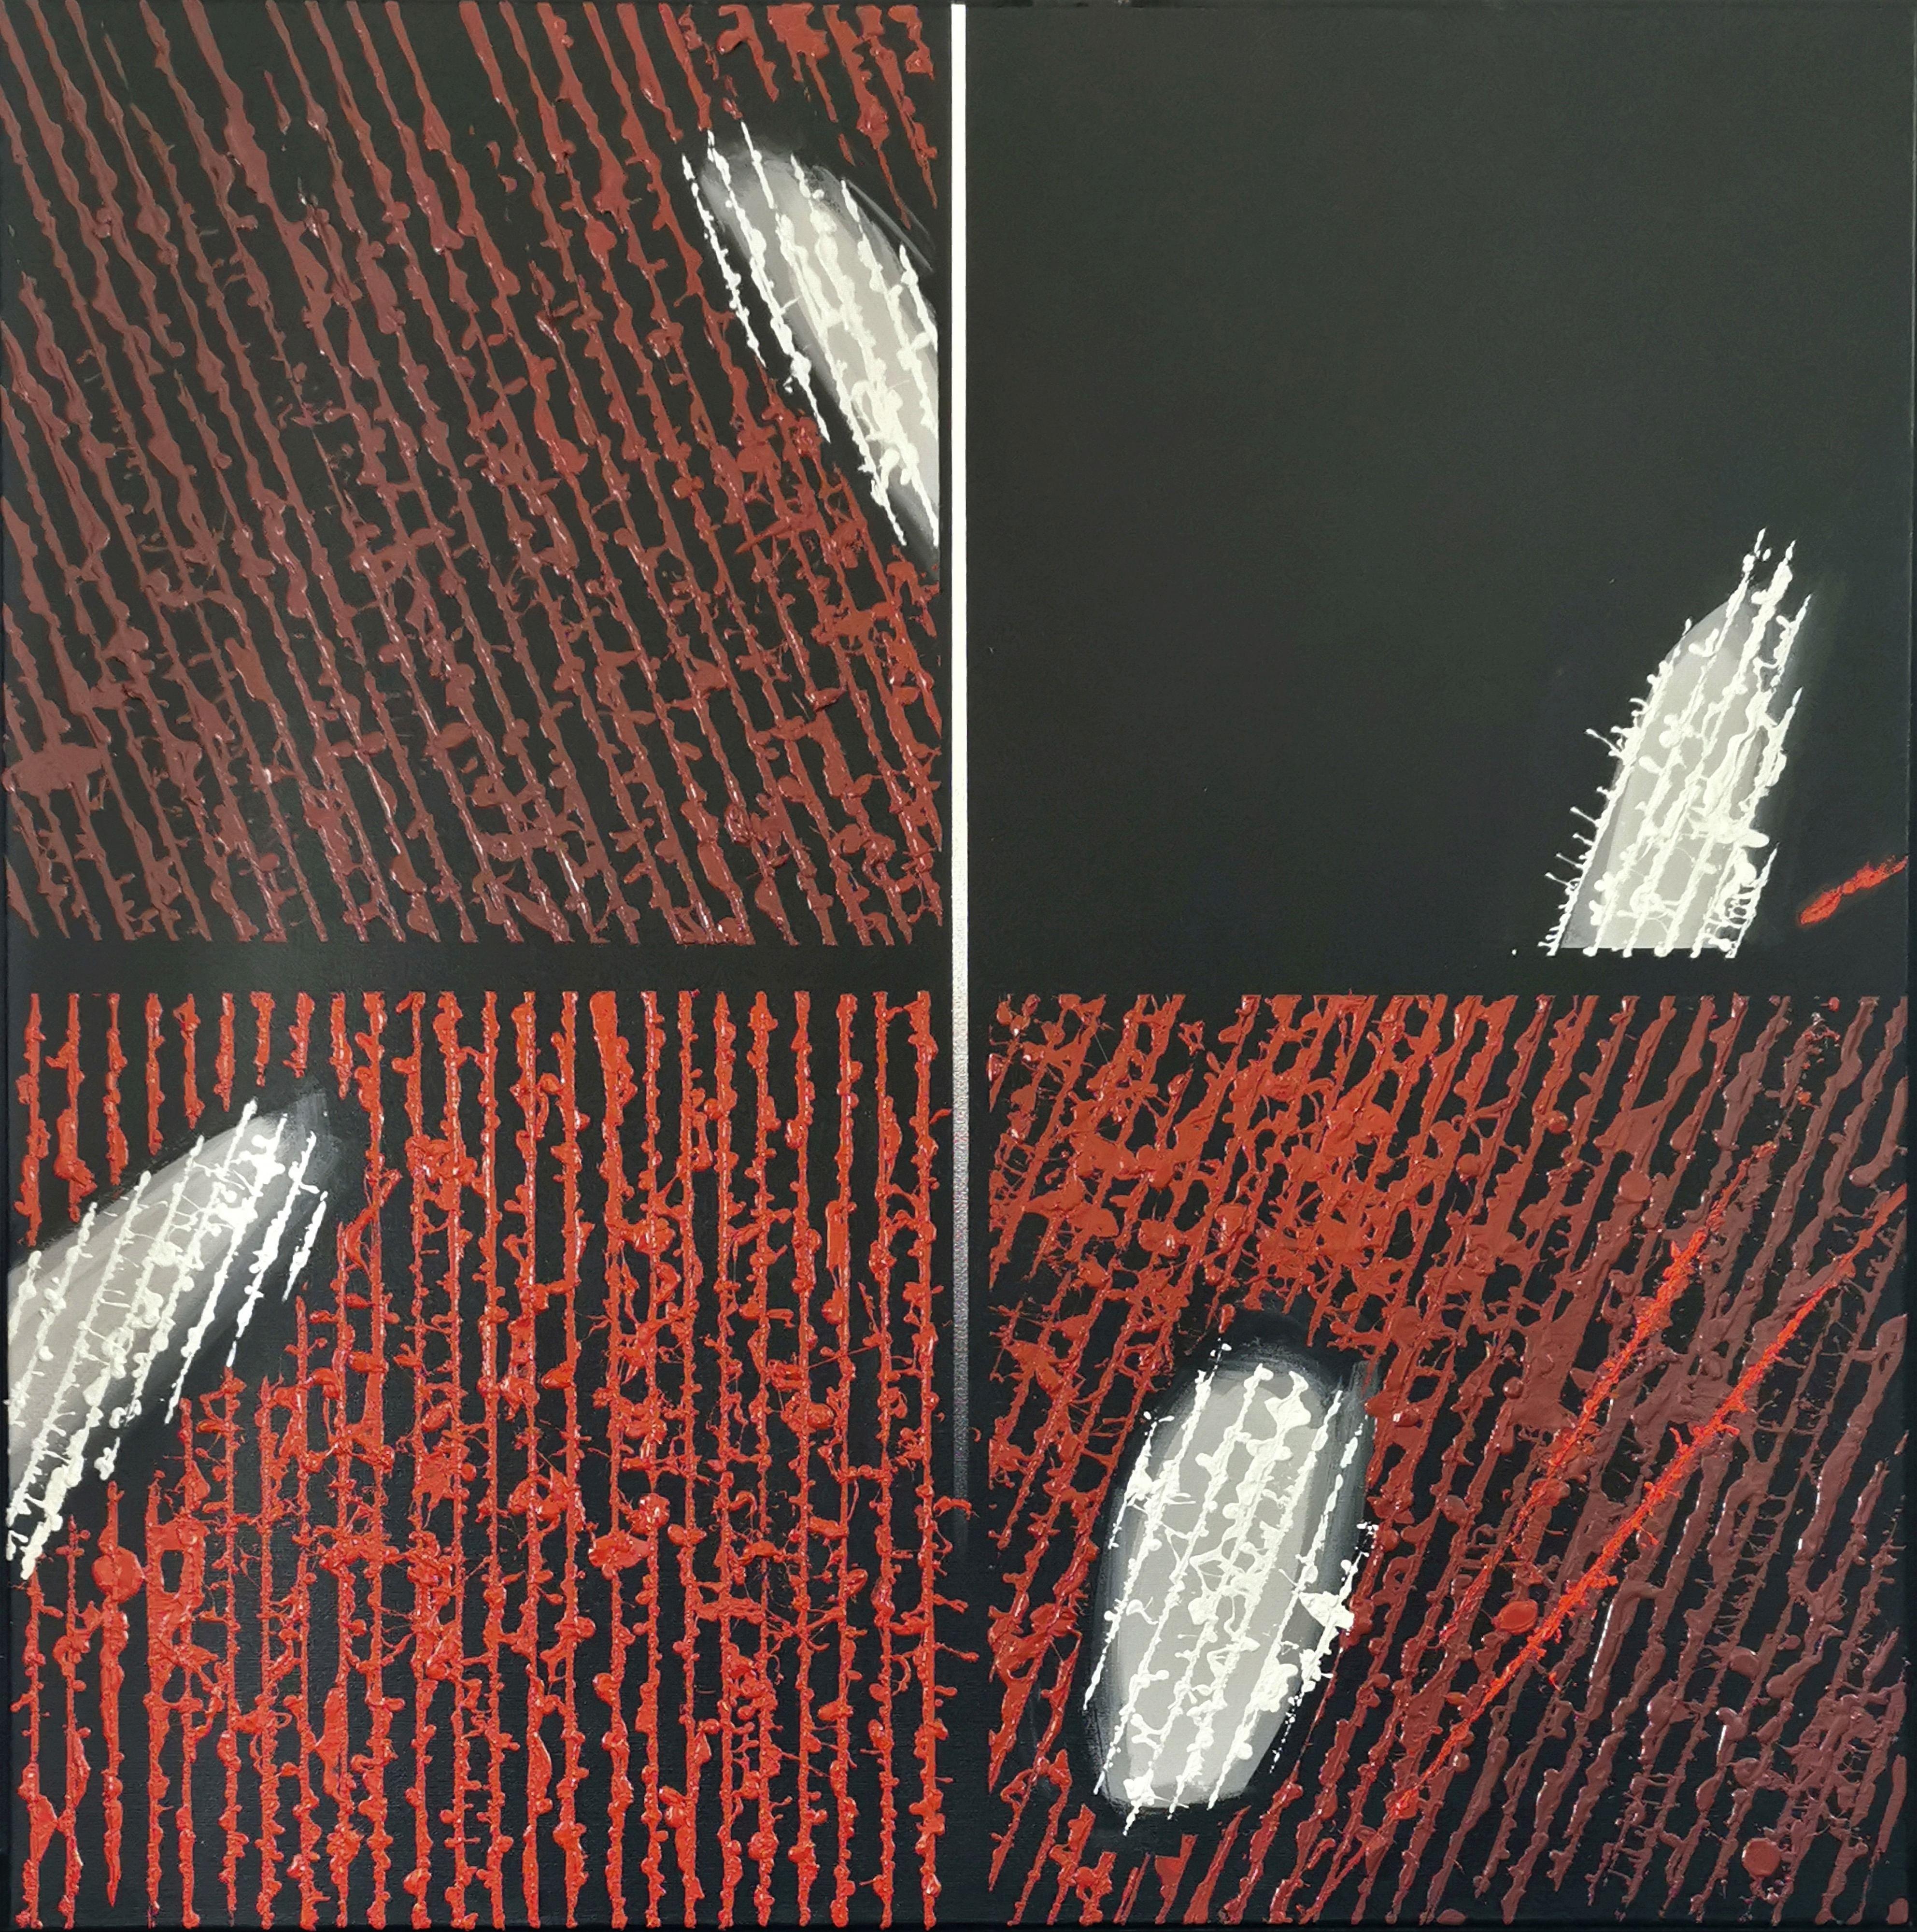 Świeżo malowane - LXXVIII, 2020